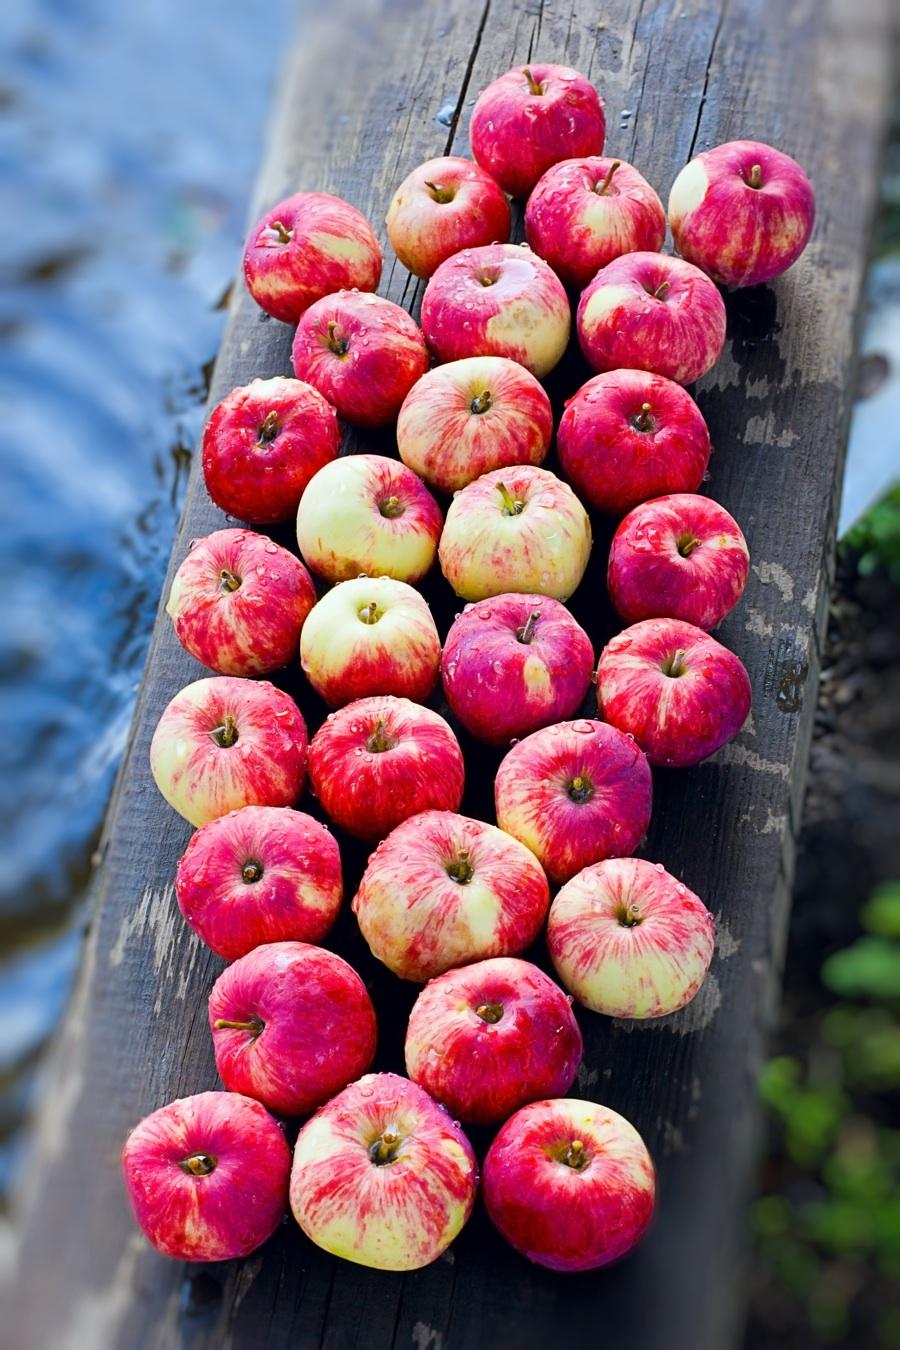 Jablka jsou v metabolic balance důležitá